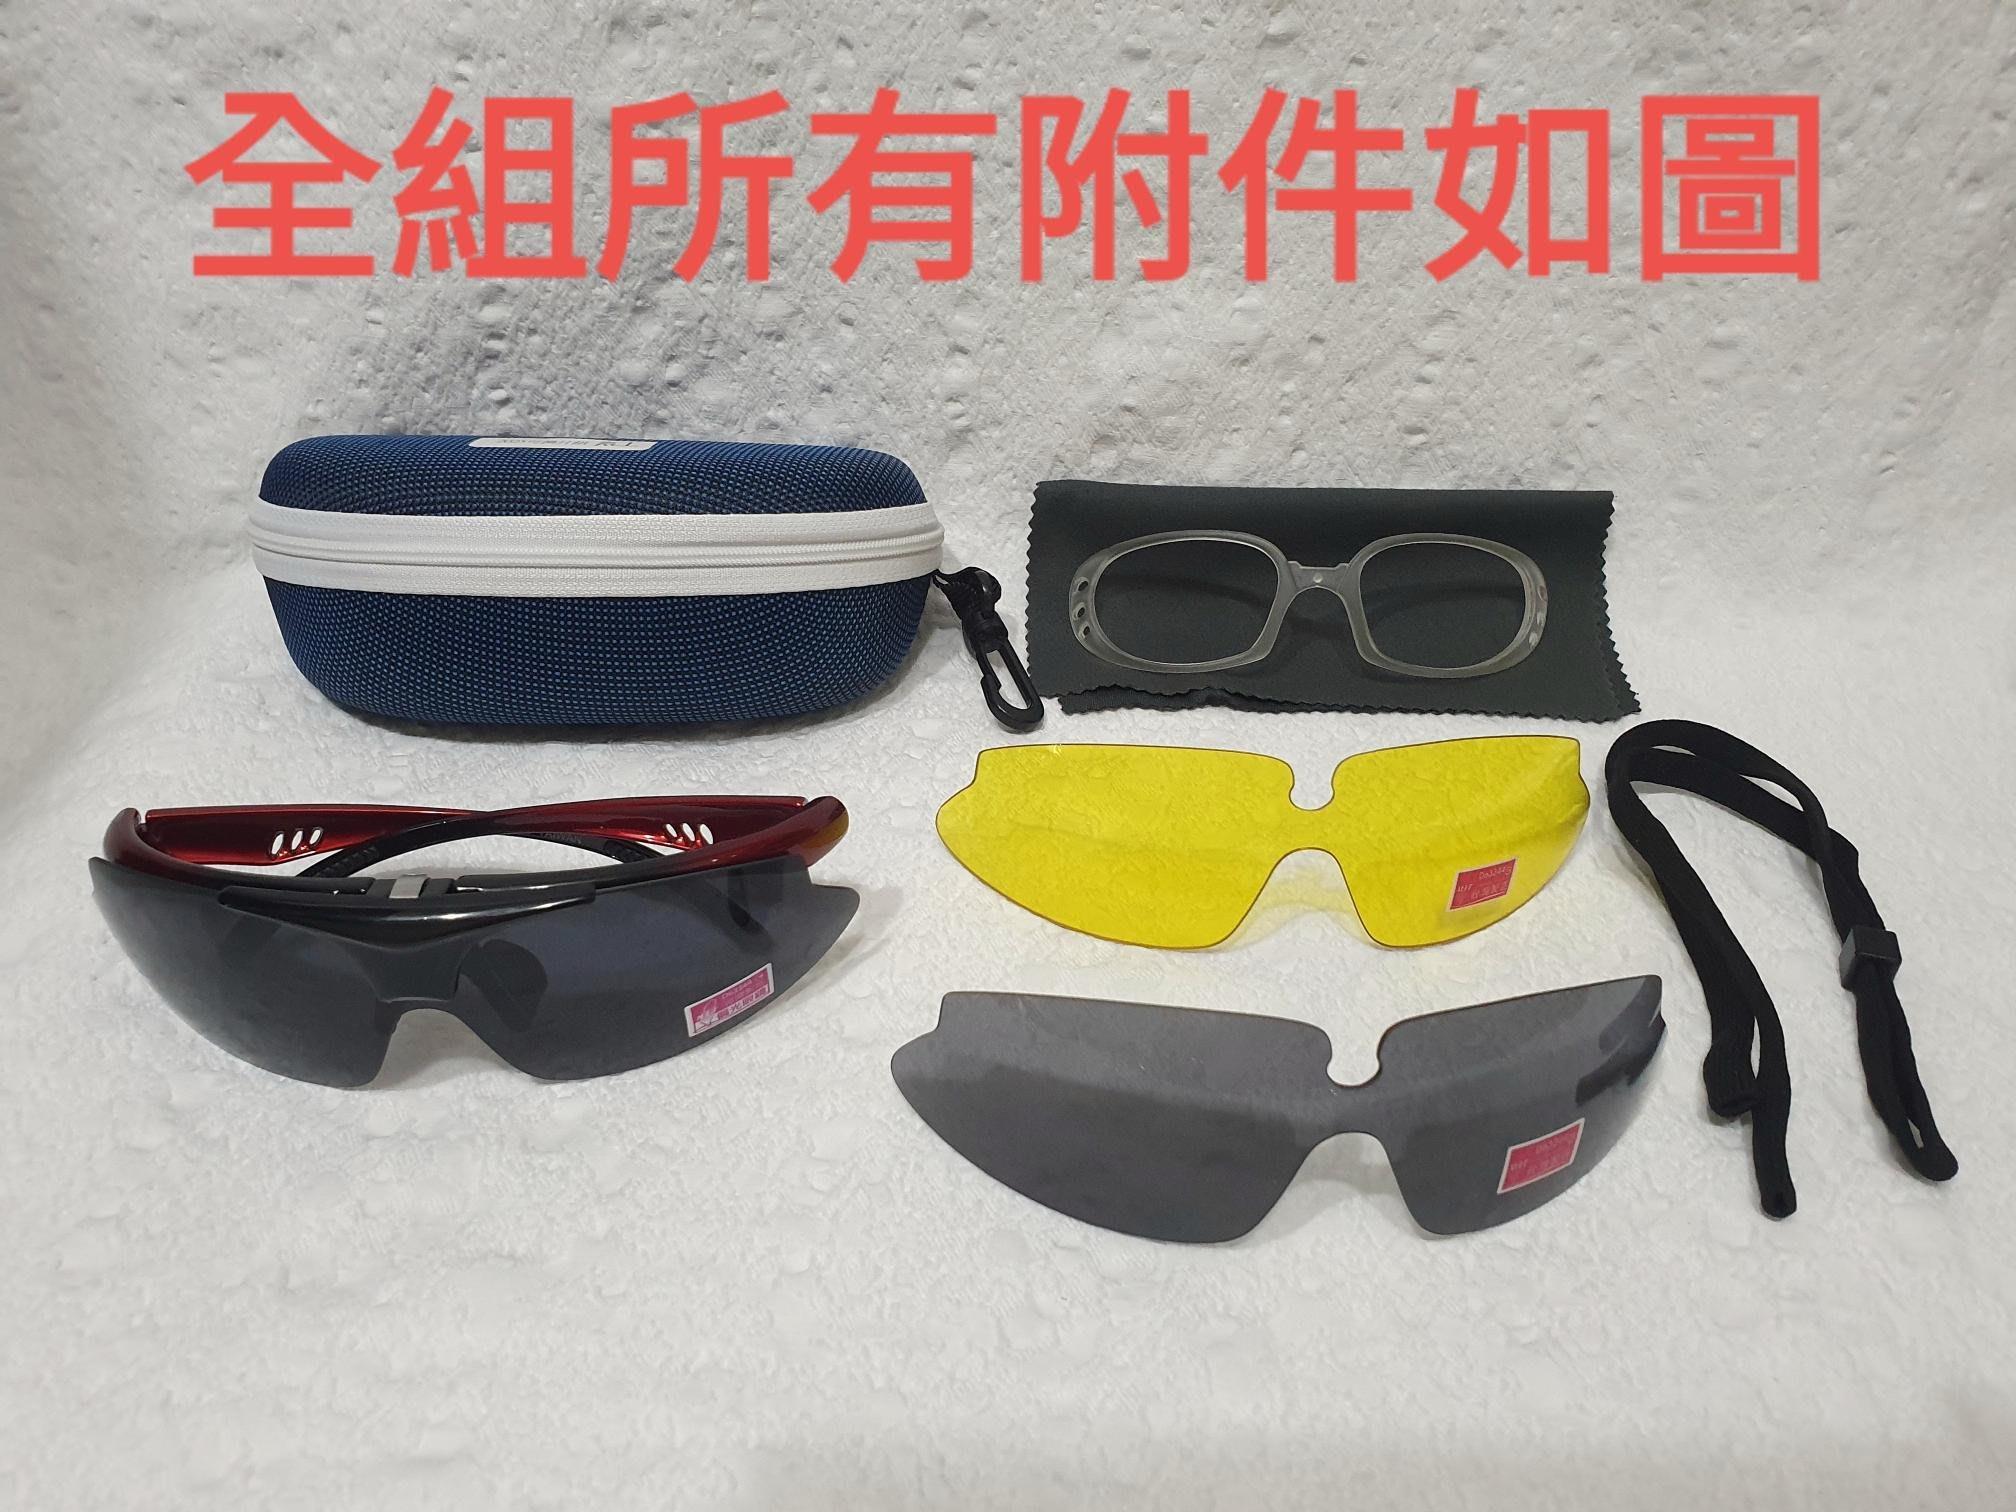 台灣製造偏光眼鏡太陽眼鏡運動眼鏡防風眼鏡(送近視框)鏡片可掀起.可拆換.(三種鏡片+硬盒)APEX976同款可通用